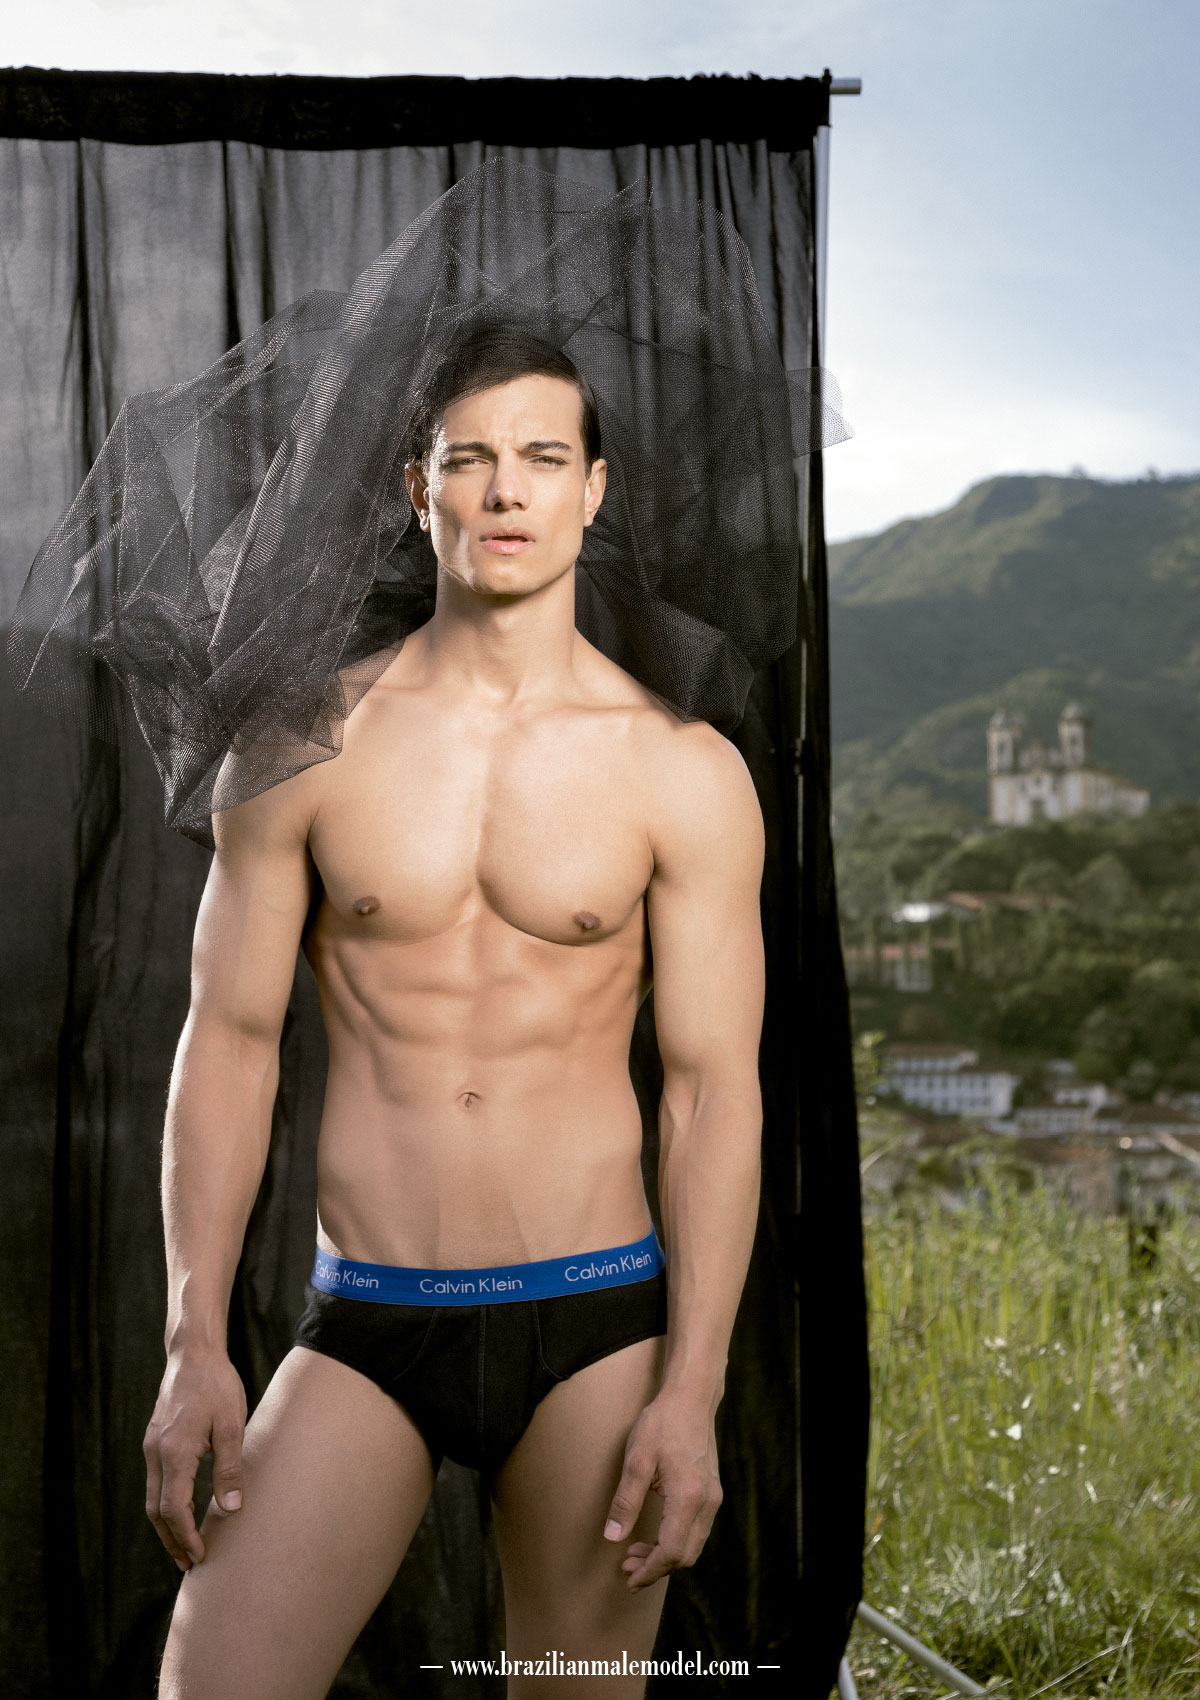 The Cover boy Sulevan Araujo by Filipe Galgani for Brazilian Male Model